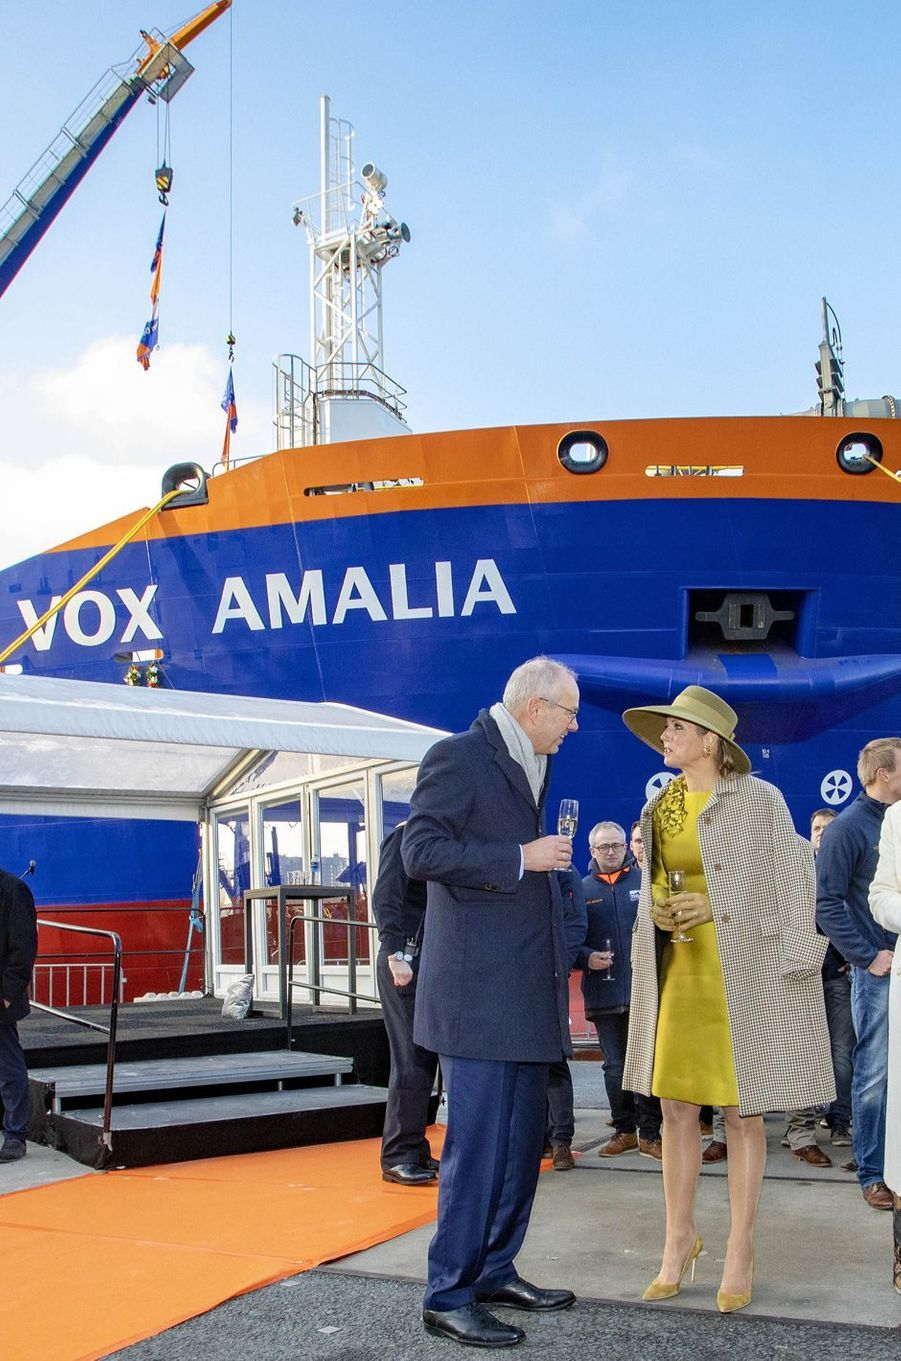 La reine Maxima des Pays-Bas au Terminal de croisières de Rotterdam, le 14 décembre 2018